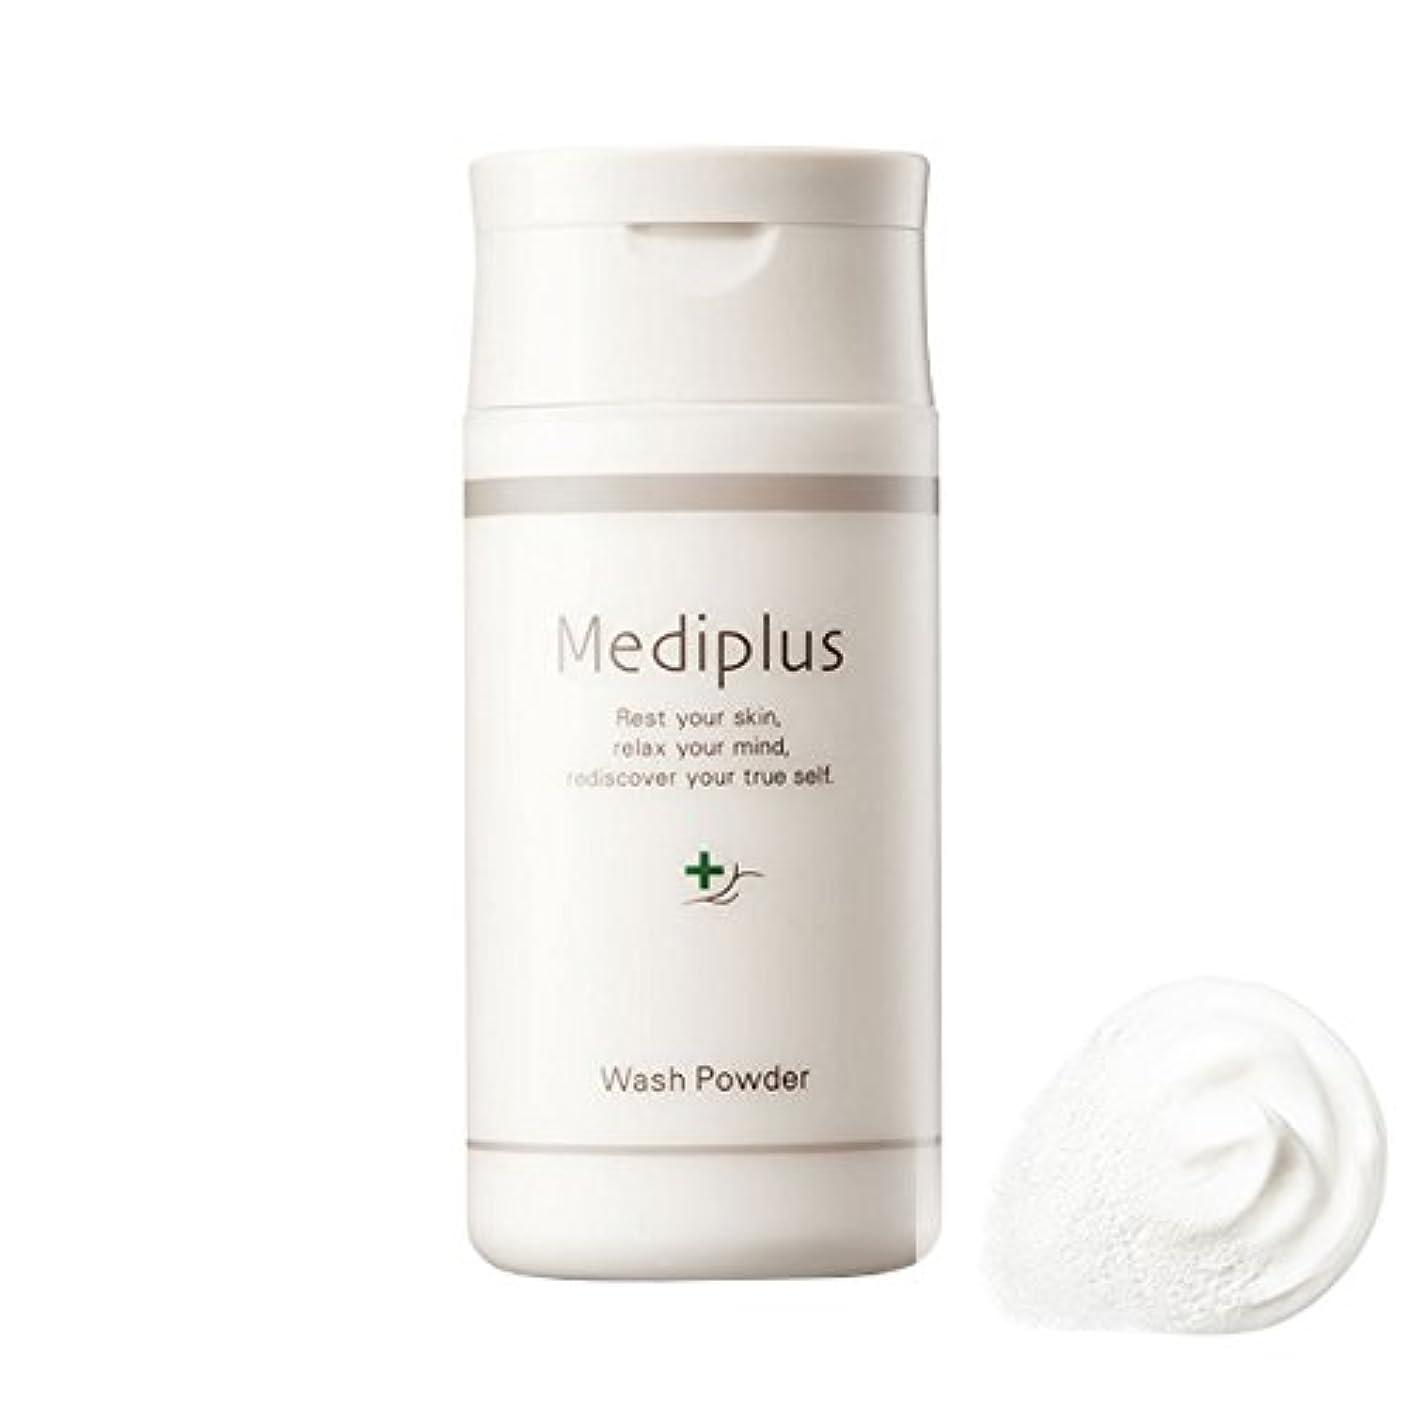 囚人パトロール余計な【Mediplus+】 メディプラス 酵素洗顔料 ウォッシュパウダー 60g [ パパイン酵素 毛穴ケア ]